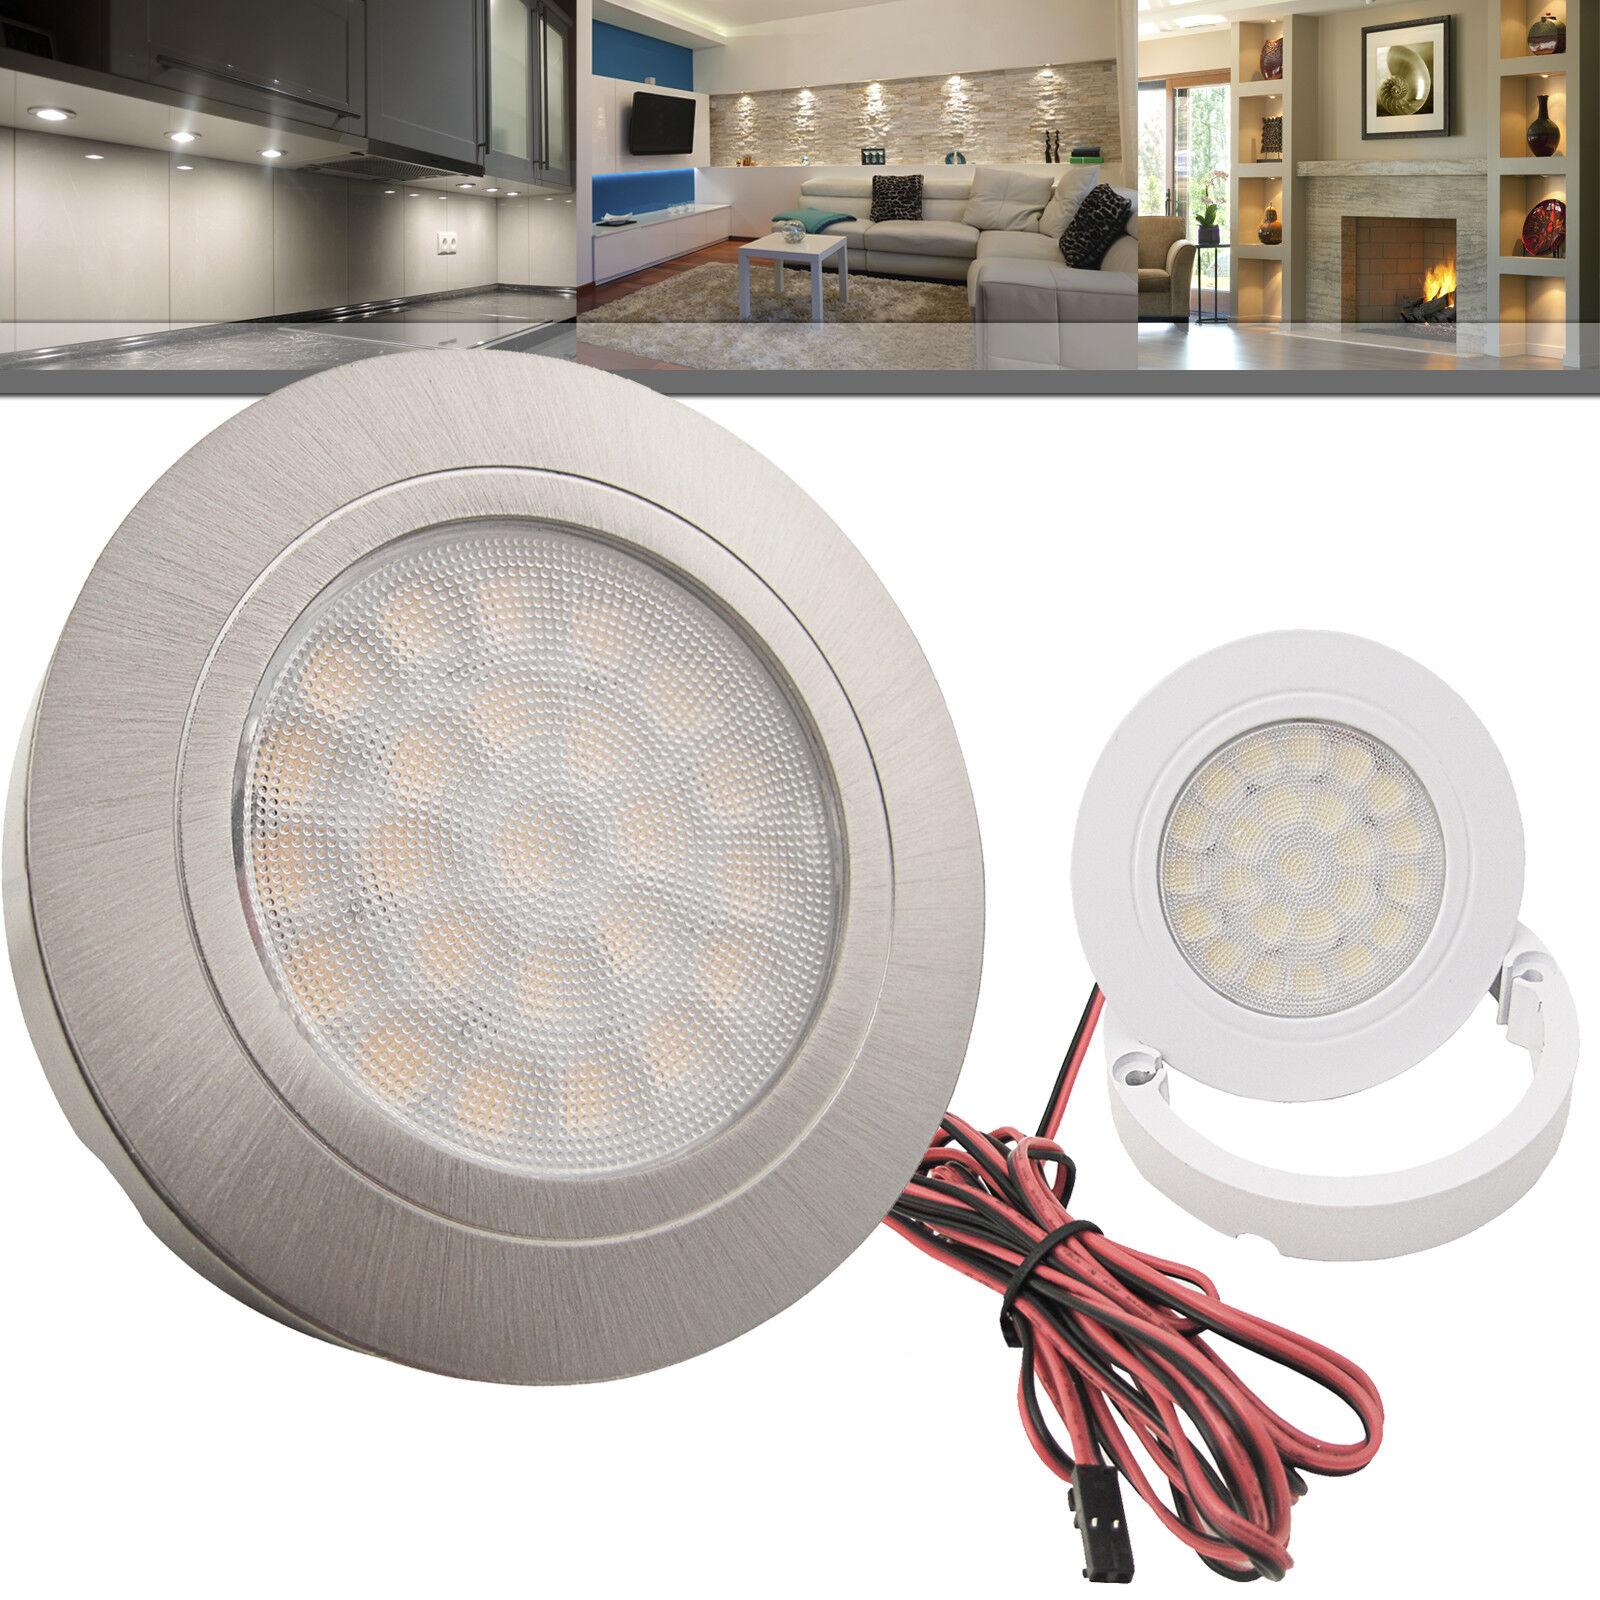 LED Einbauleuchte Möbelleuchte Einbaustrahler Spot Küche 2W WARMWEISS SET LUCCA